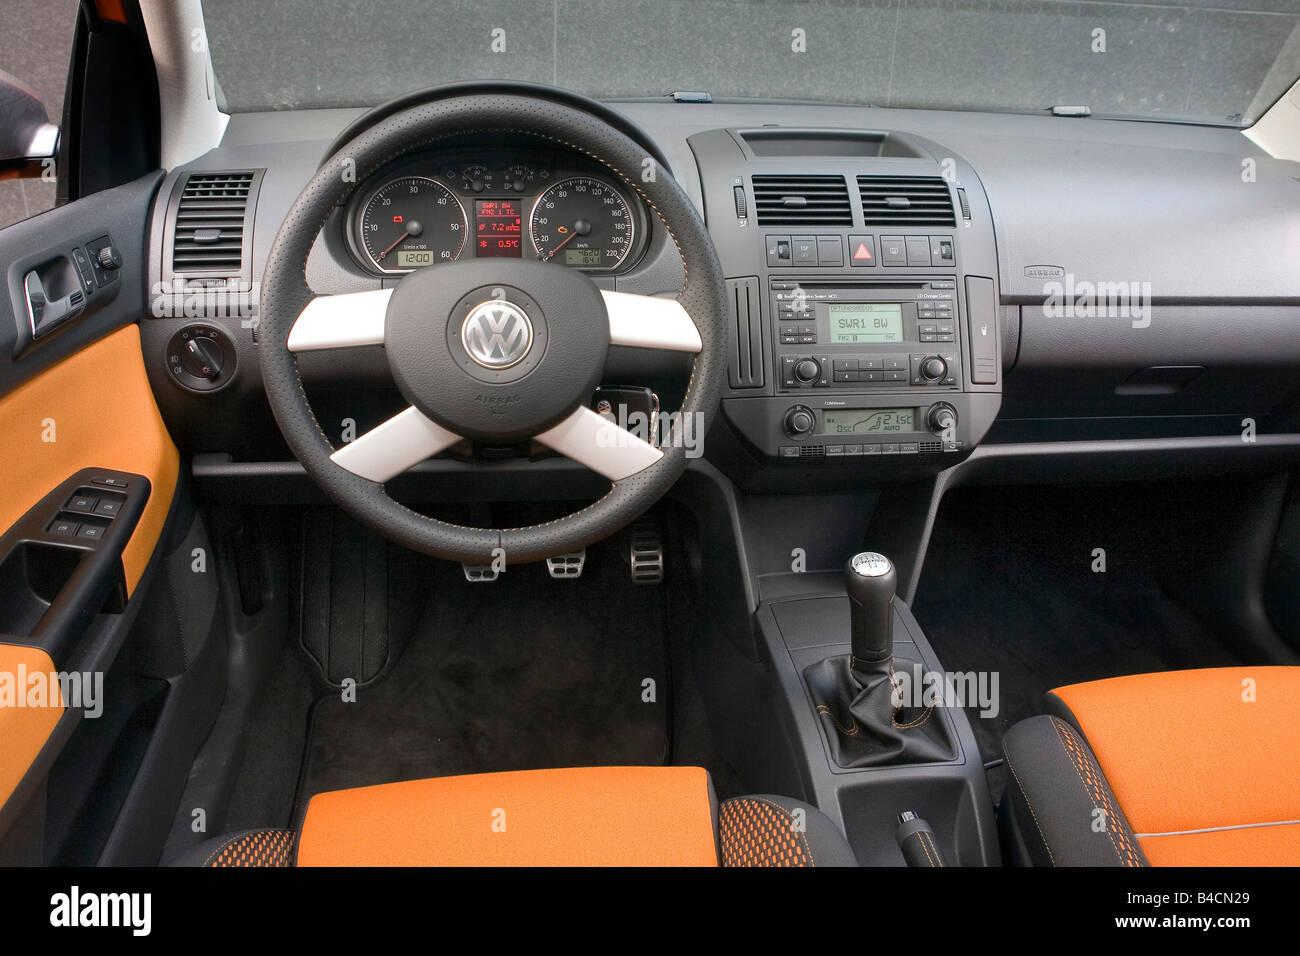 vw volkswagen cross polo 1 4 tdi modell jahr 2006 orange innenansicht innenansicht cockpit. Black Bedroom Furniture Sets. Home Design Ideas